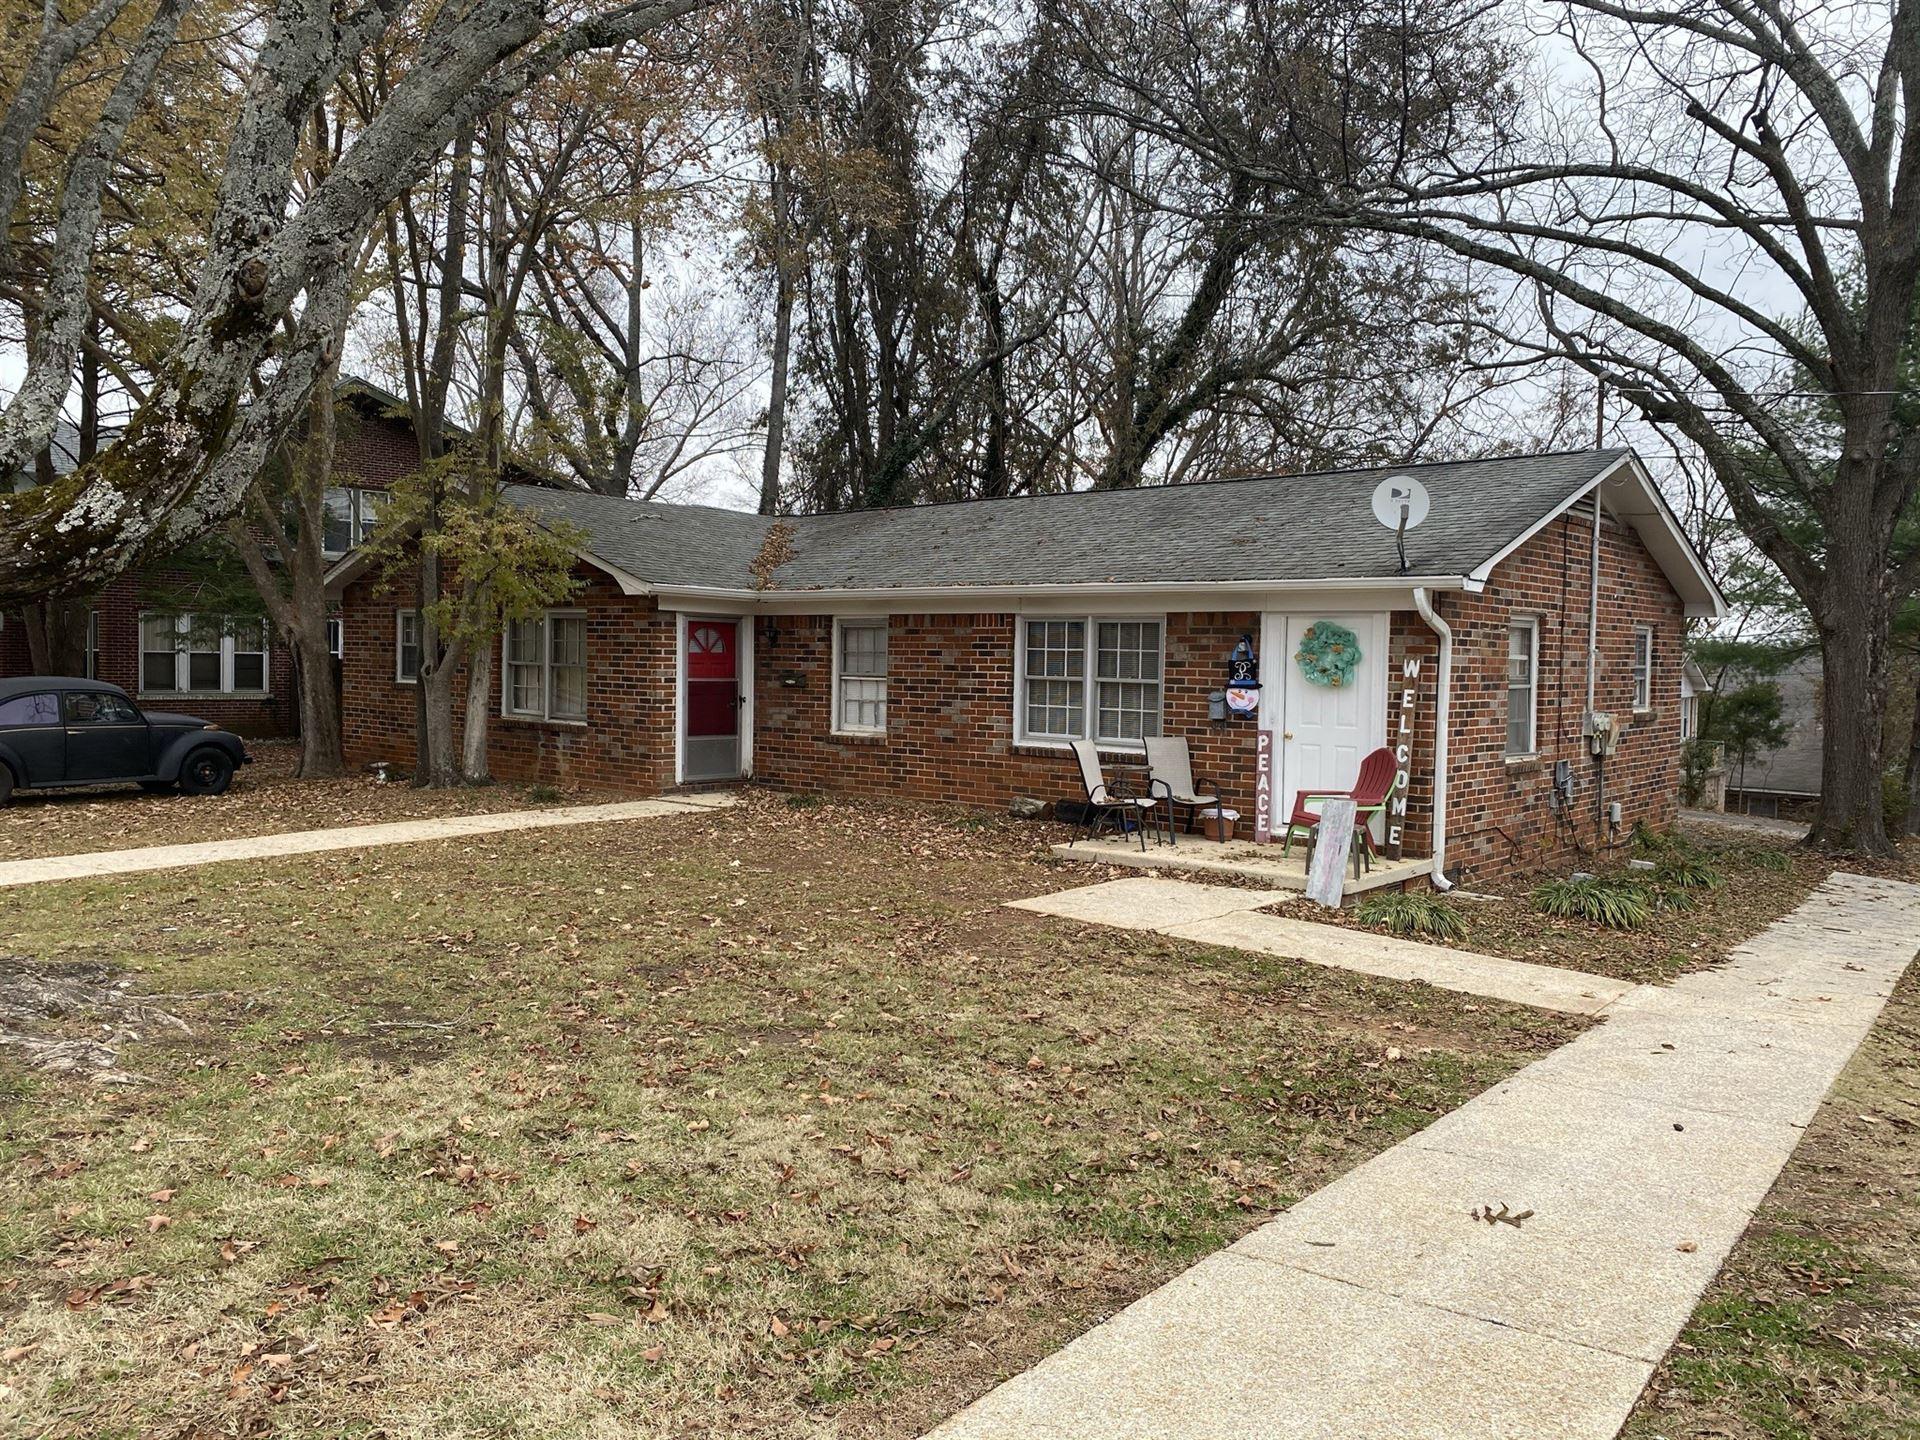 300 N Jefferson St, Winchester, TN 37398 - MLS#: 2212259